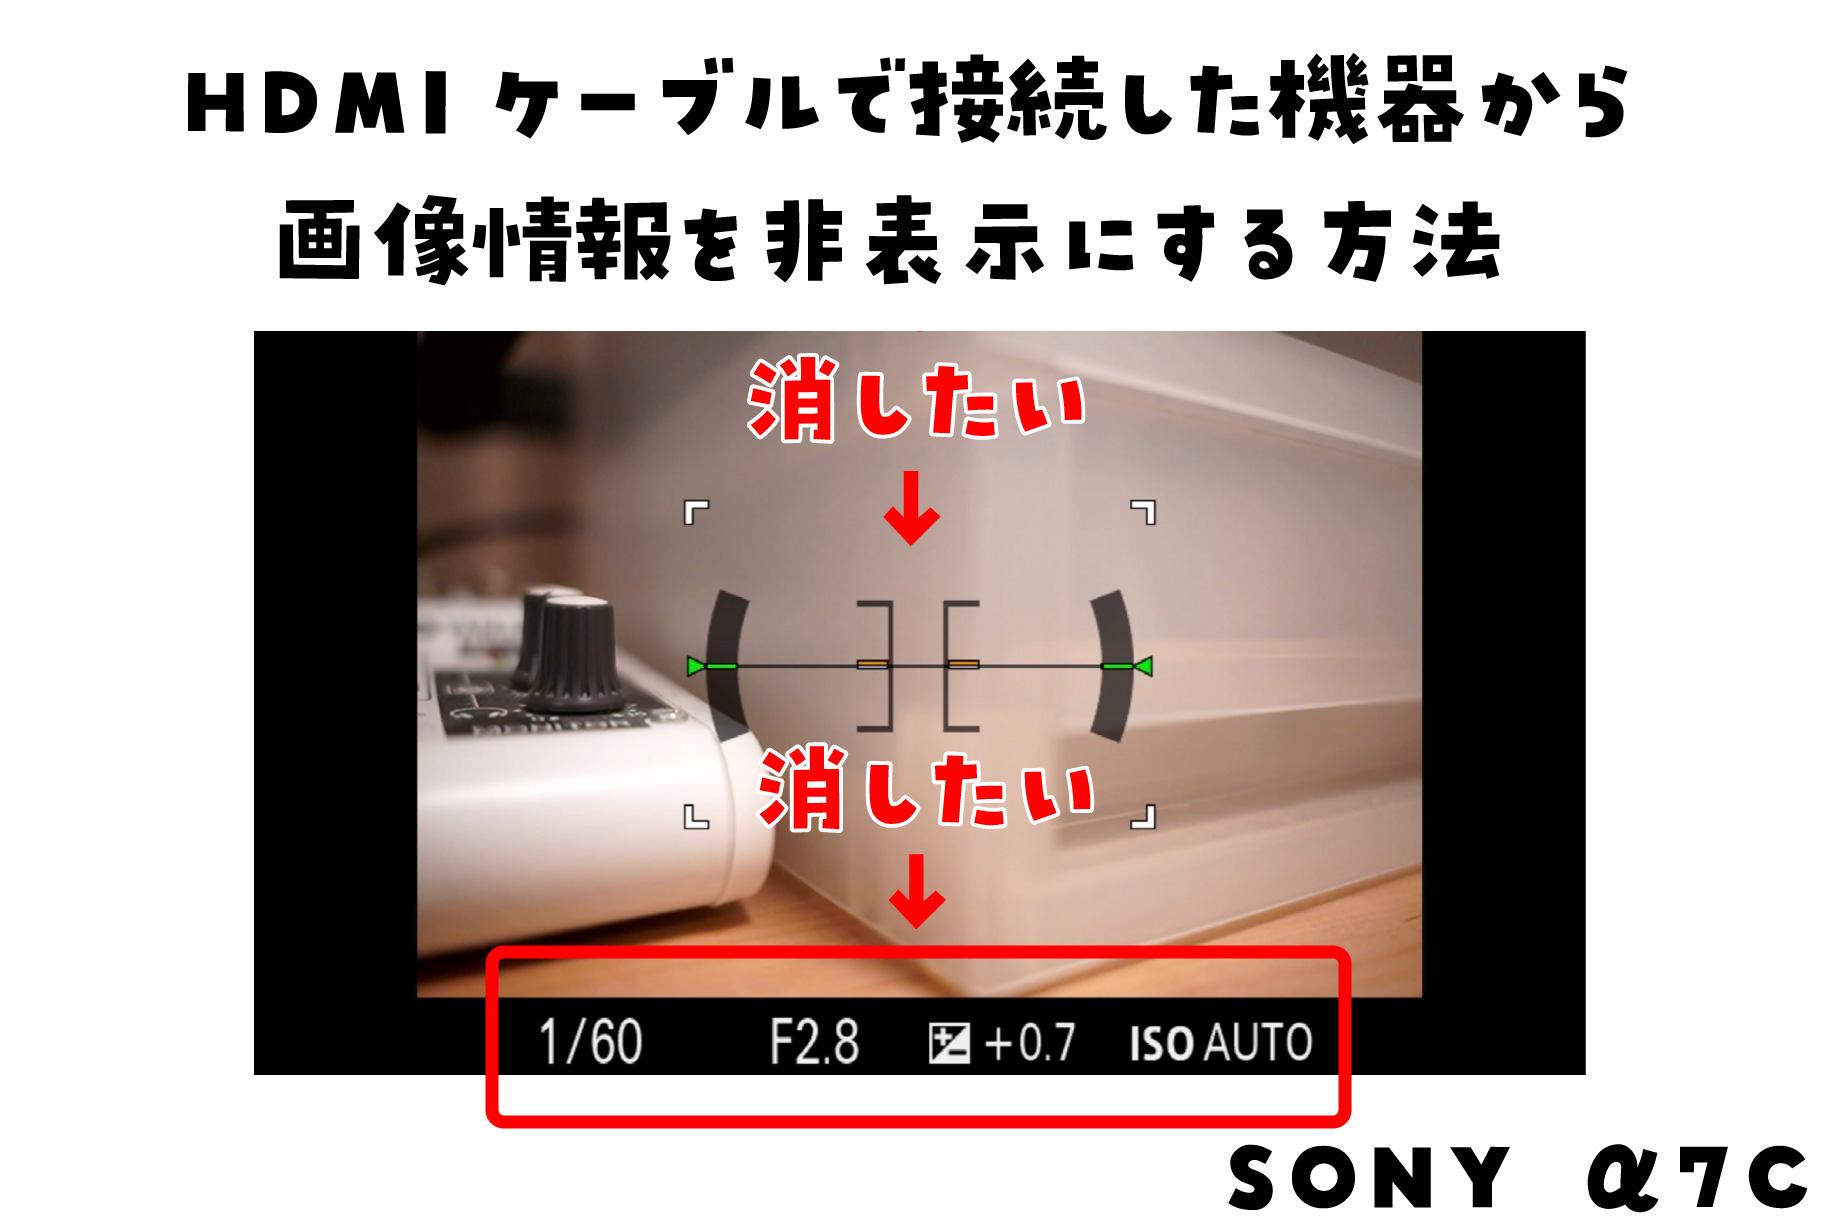 ミラーレス HDMI 表示 消す